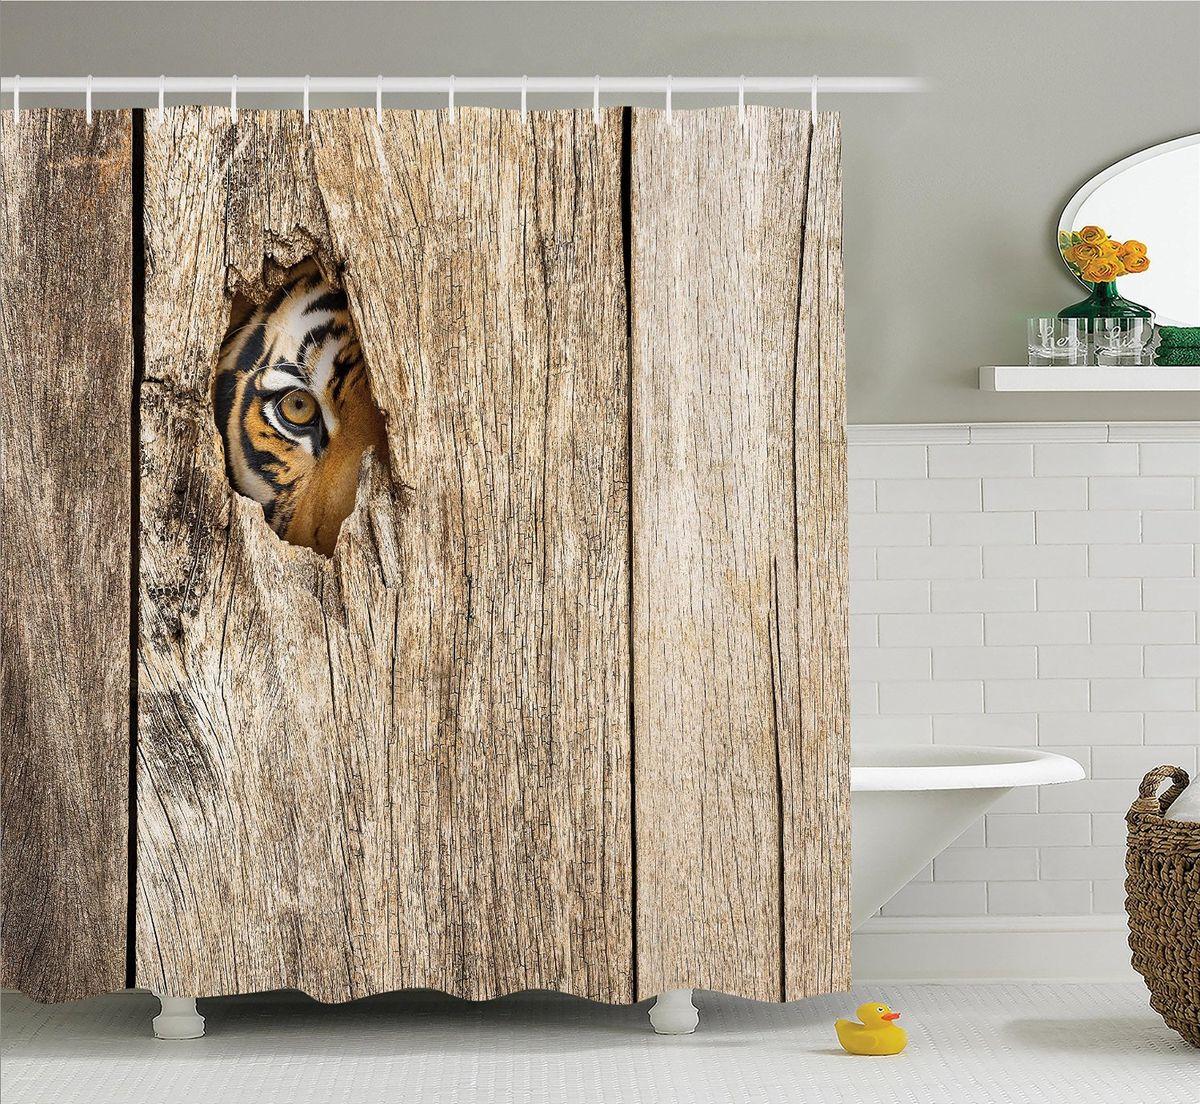 Штора для ванной комнаты Magic Lady Любопытный тигр, 180 х 200 см96515412Компания Сэмболь изготавливает шторы из высококачественного сатена (полиэстер 100%). При изготовлении используются специальные гипоаллергенные чернила для прямой печати по ткани, безопасные для человека и животных. Экологичность продукции Magic lady и безопасность для окружающей среды подтверждены сертификатом Oeko-Tex Standard 100. Крепление: крючки (12 шт.). Внимание! При нанесении сублимационной печати на ткань технологическим методом при температуре 240 С, возможно отклонение полученных размеров, указанных на этикетке и сайте, от стандартных на + - 3-5 см. Мы стараемся максимально точно передать цвета изделия на наших фотографиях, однако искажения неизбежны и фактический цвет изделия может отличаться от воспринимаемого по фото. Обратите внимание! Шторы изготовлены из полиэстра сатенового переплетения, а не из сатина (хлопок). Размер шторы 180*200 см. В комплекте 1 штора и 12 крючков.